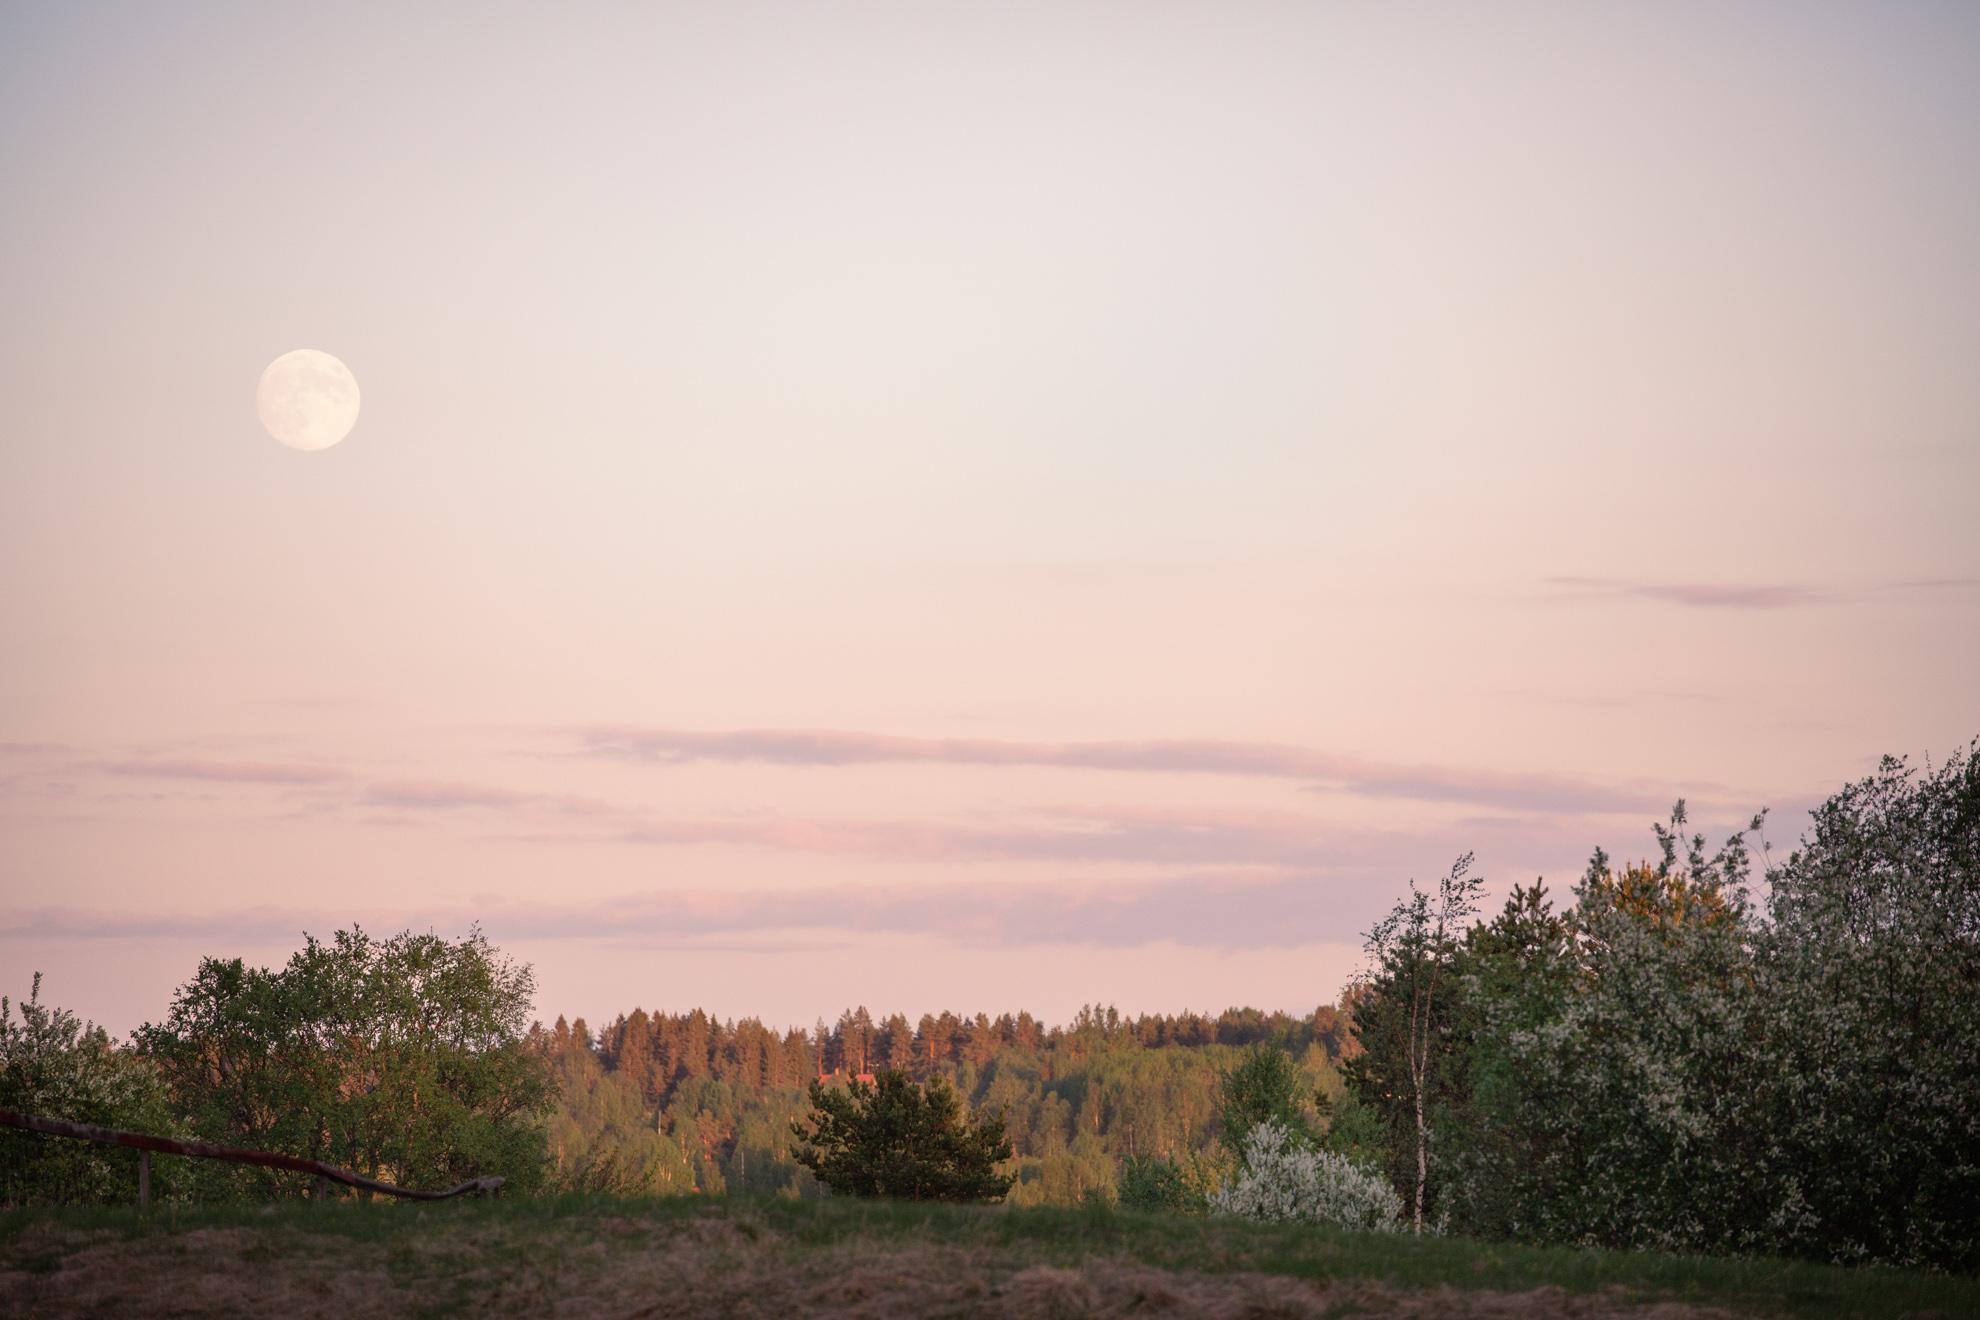 Juninatt med fullmåne